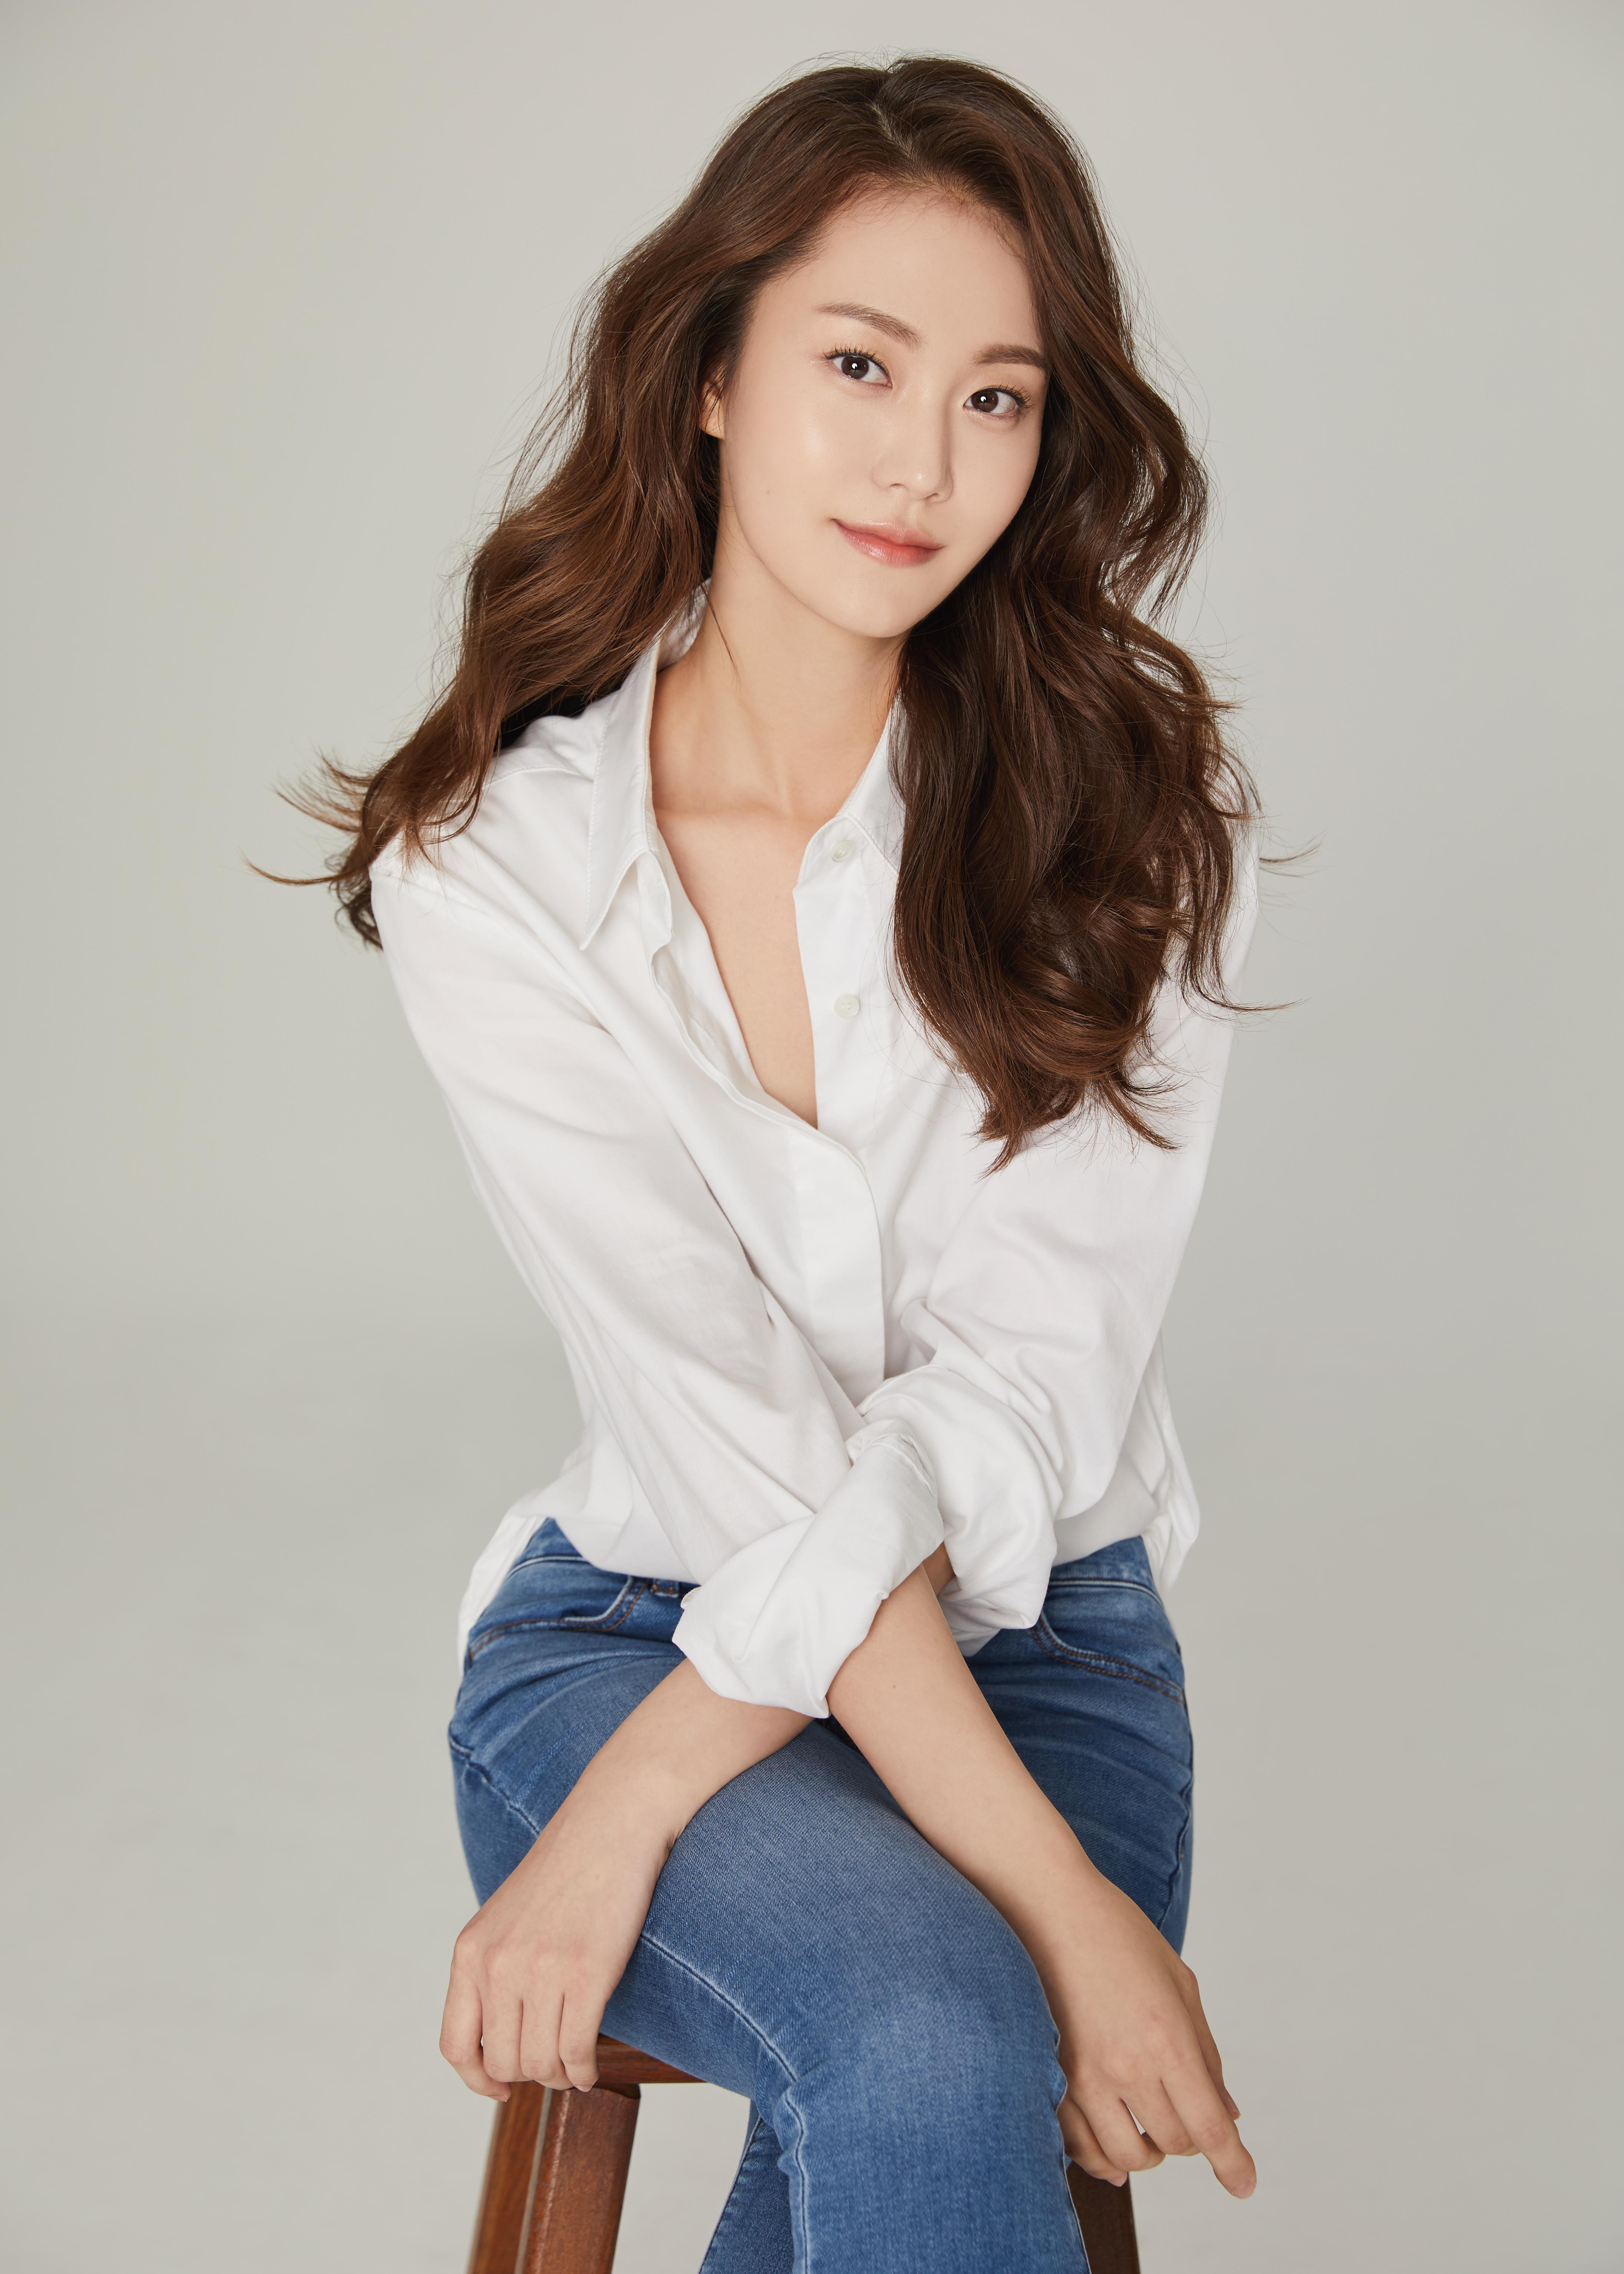 박세진, 영화 '미성년'으로 스크린 데뷔..신예 등장 '주목'